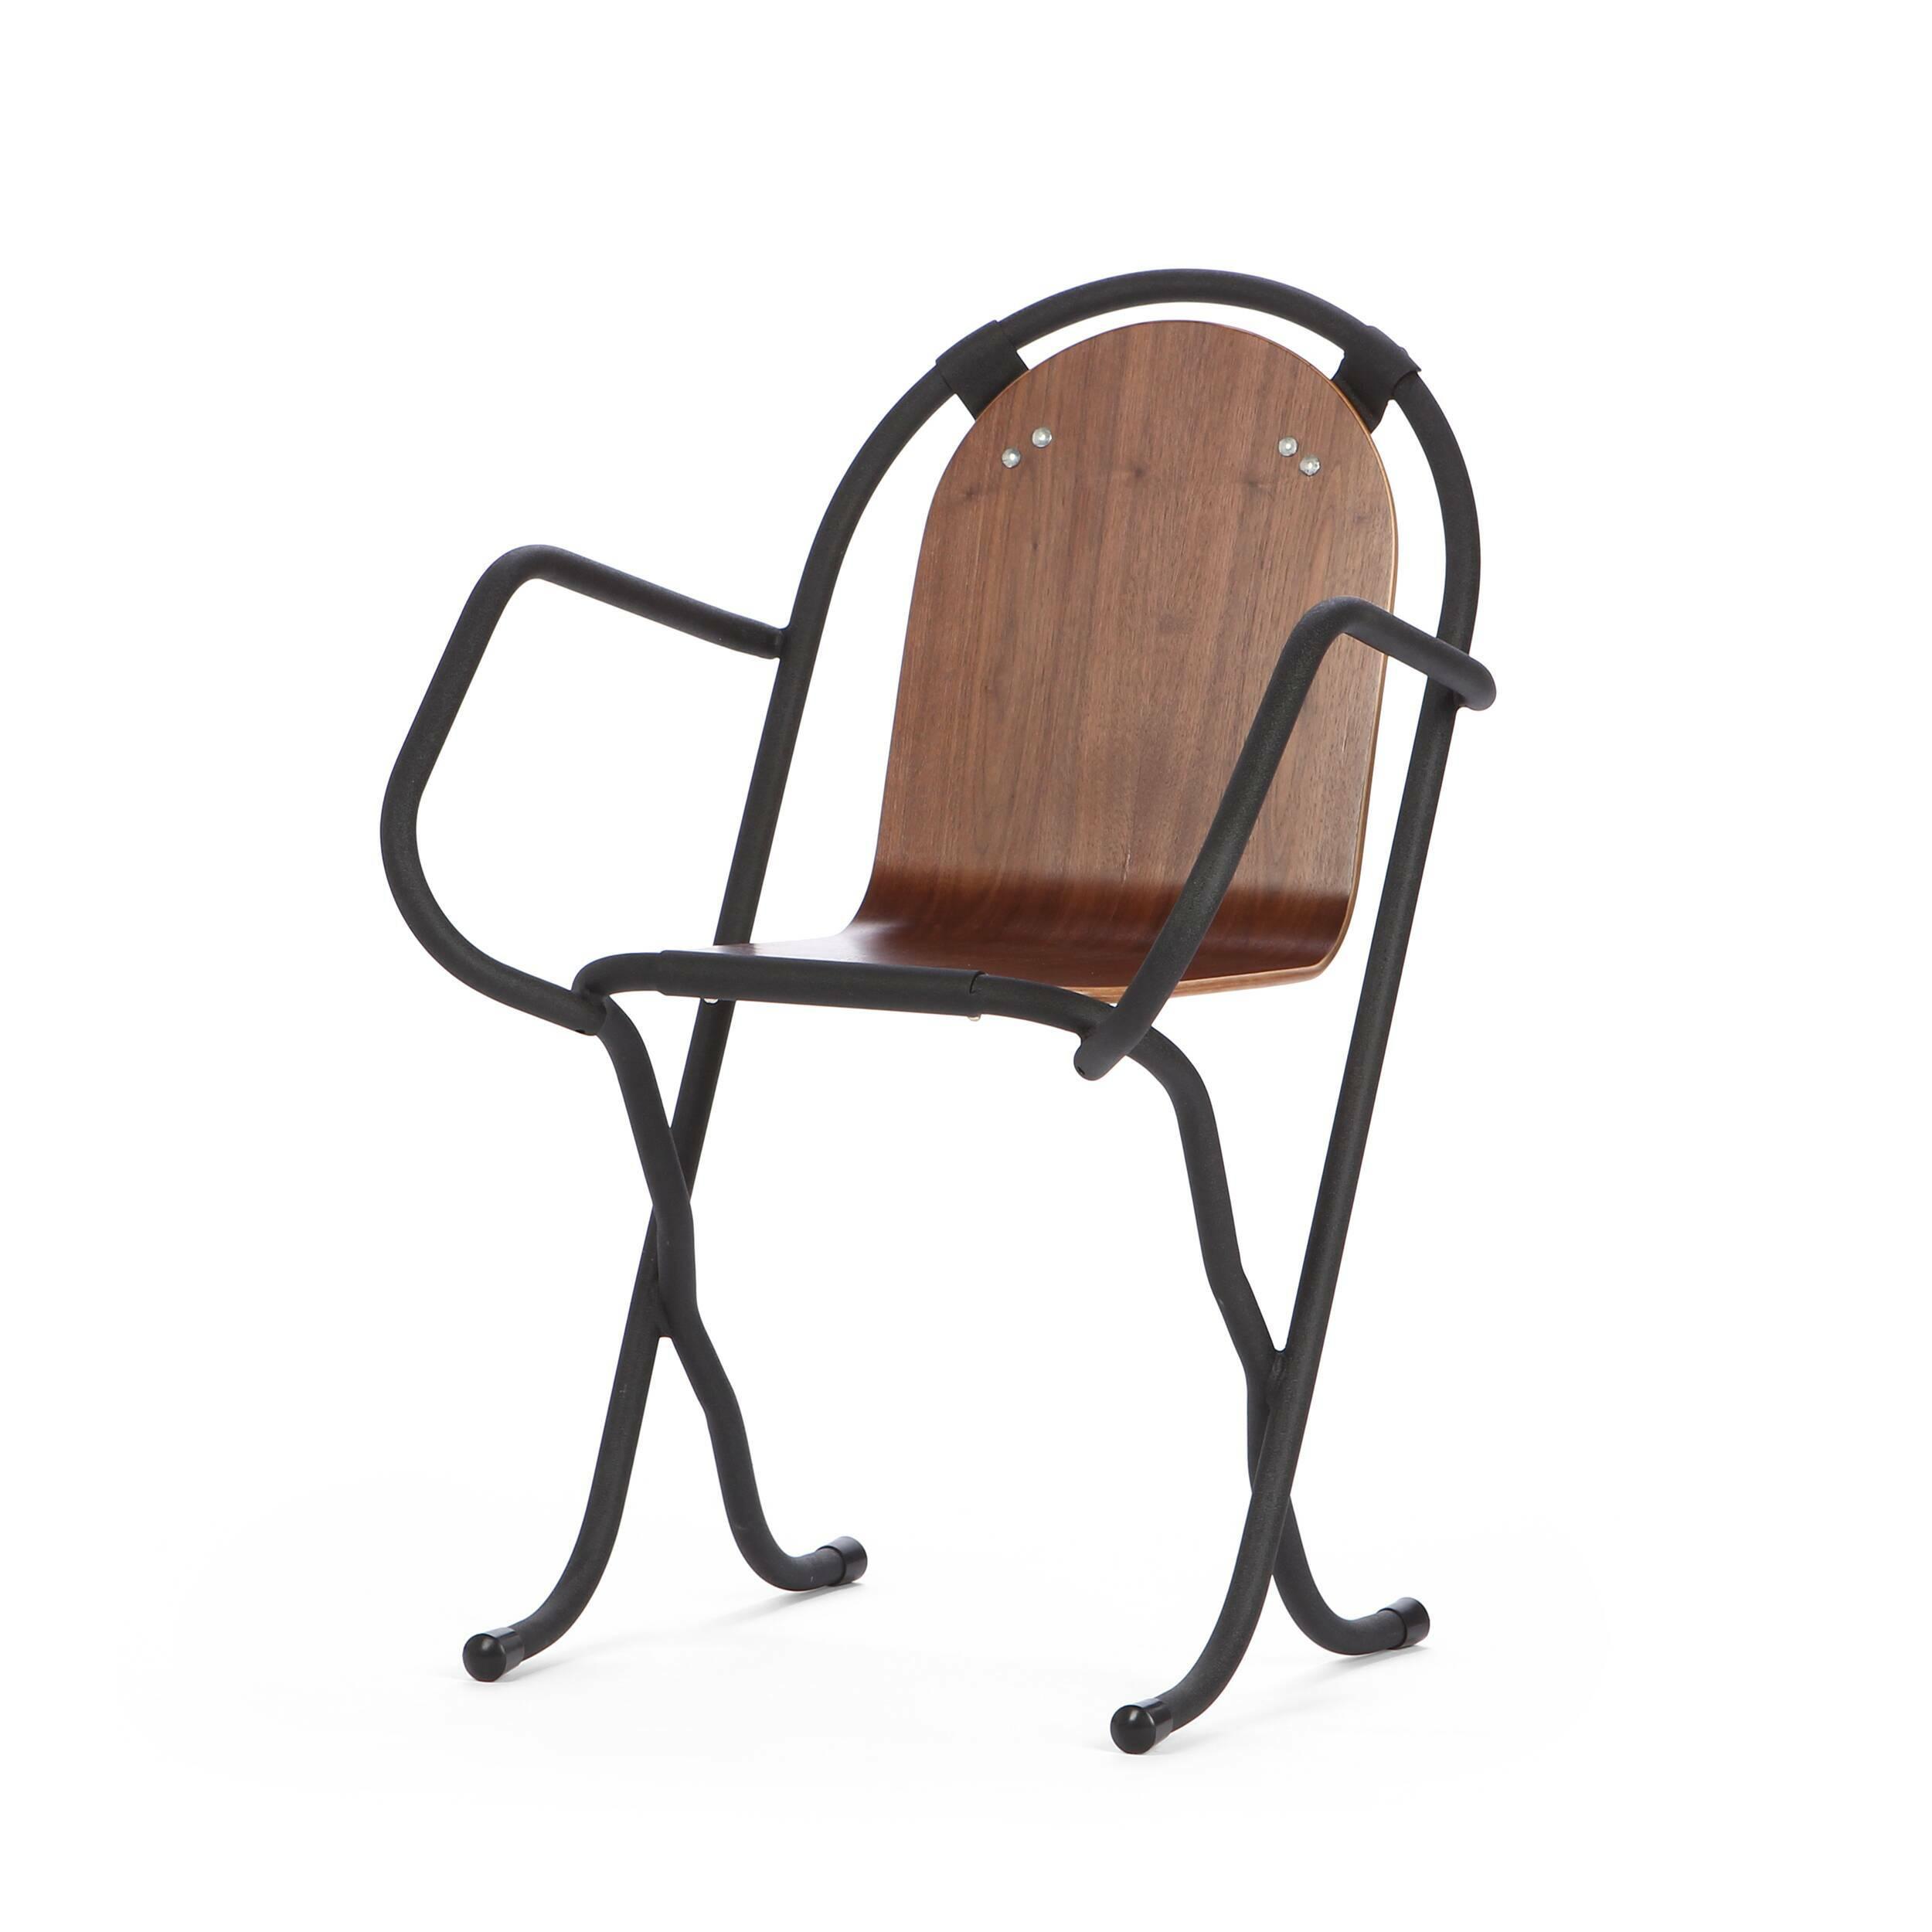 Стул LoweИнтерьерные<br>Дизайнерский креативный темный стул Lowe (Лёв) на стальном каркасе с сиденьем и спинкой из массива ореха в скандинавском стиле от Cosmo (Космо).<br>Скандинавский интерьер — практичный, в нем много света и свободного пространства. Мебель в светлых тонах как раз то, что является постоянной составляющей интерьеров в скандинавском стиле. Не менее важно, чтобы она изготавливалась из натуральных материалов. Как бы люди не увлекались созданием новых синтетических изделий, наиболее уютно им среди приро...<br><br>stock: 16<br>Высота: 83<br>Ширина: 58<br>Ширина сиденья: 43.5<br>Глубина: 52.5<br>Тип материала каркаса: Сталь<br>Материал сидения: Фанера, шпон ореха<br>Цвет сидения: Орех<br>Тип материала сидения: Дерево<br>Цвет каркаса: Чёрный гофрированый